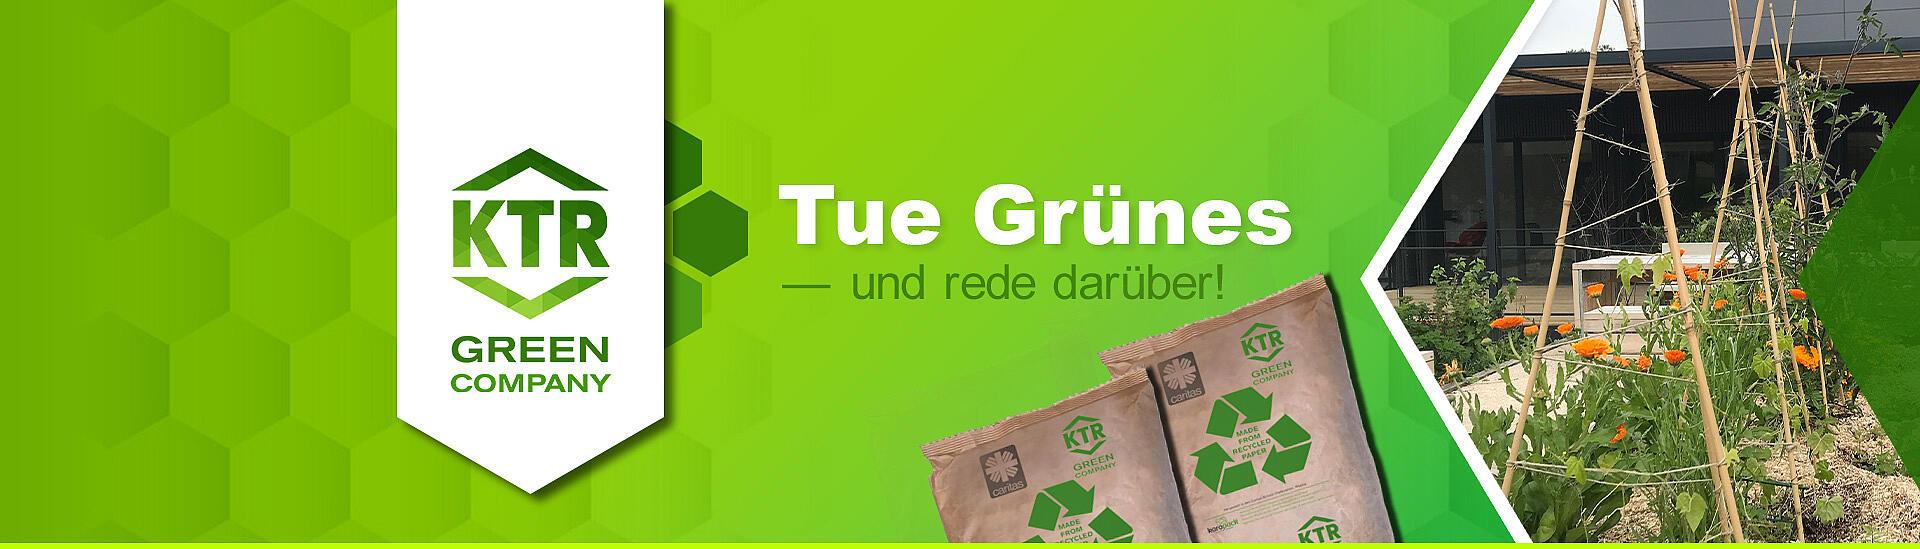 KTR Green Company